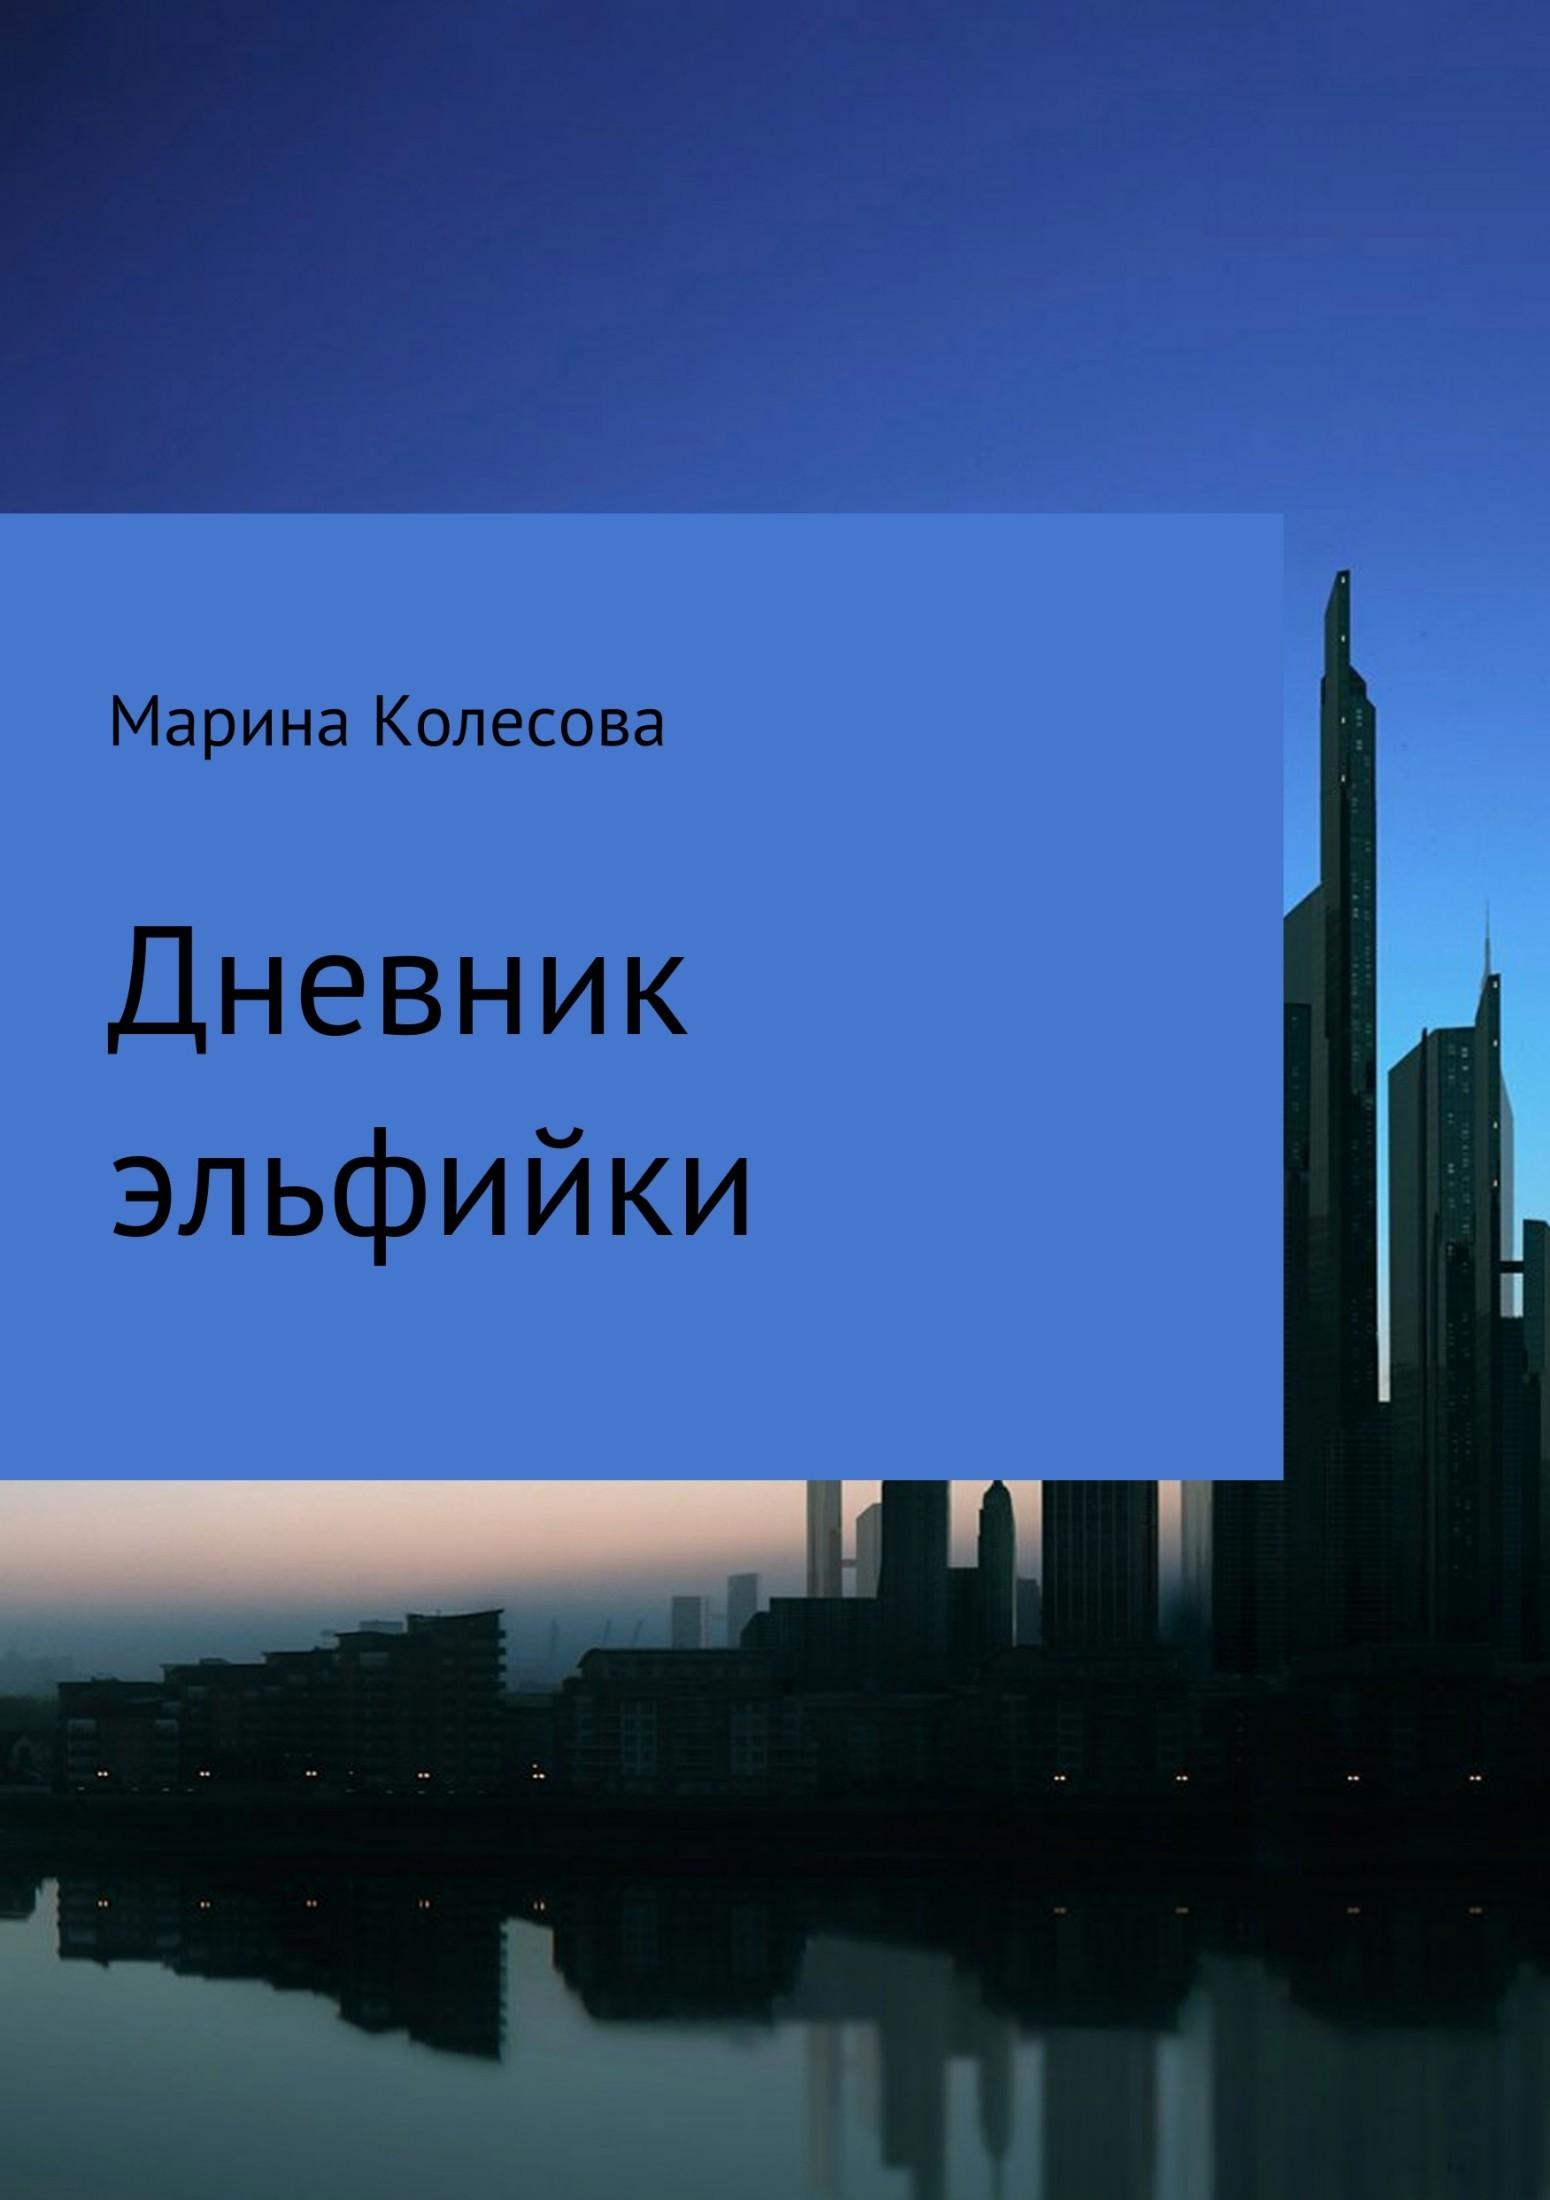 Марина Колесова Дневник эльфийки